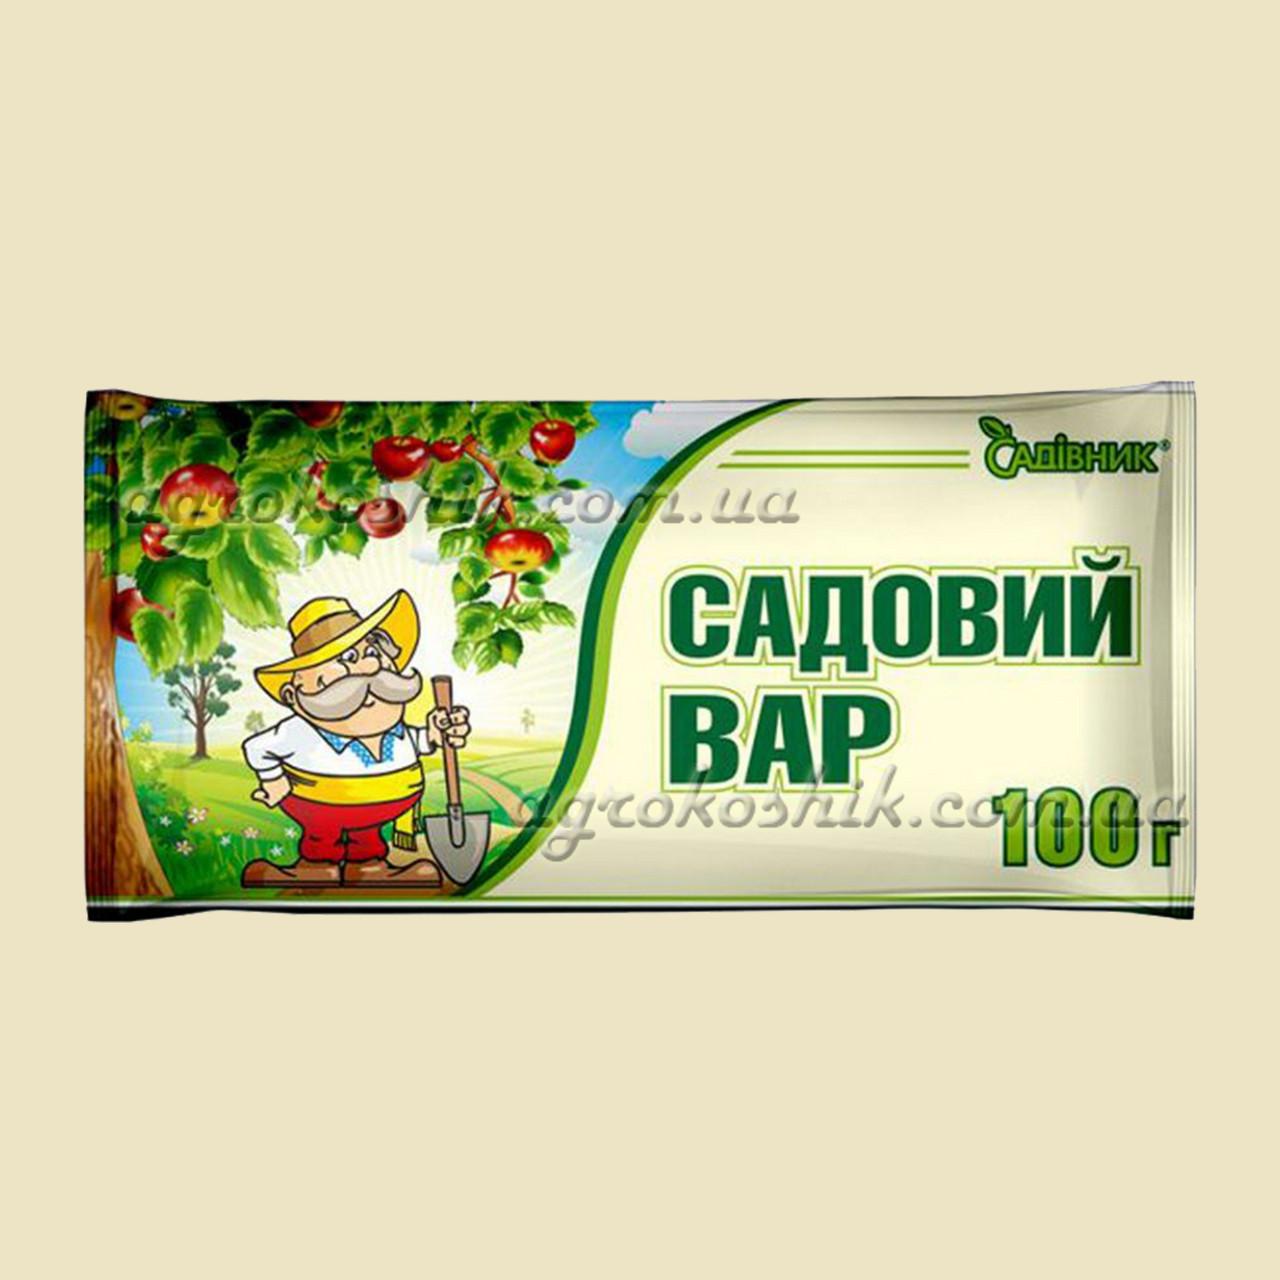 """Садовый вар """"Садовник"""" (брикет) 100г - Агрокошик в Полтаве"""